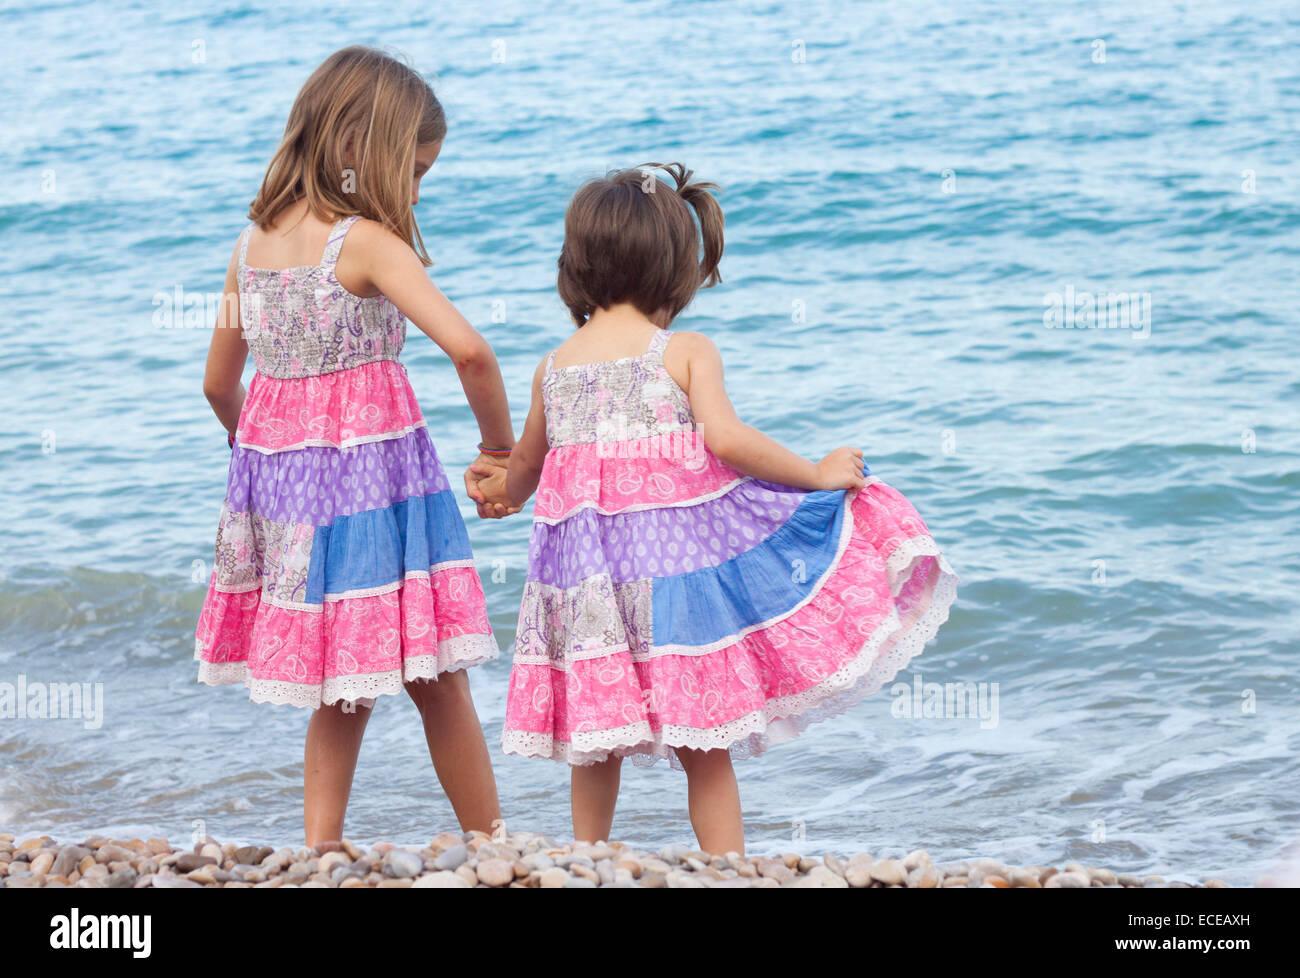 Zwei Schwestern stehen am Strand Hand in Hand Stockbild